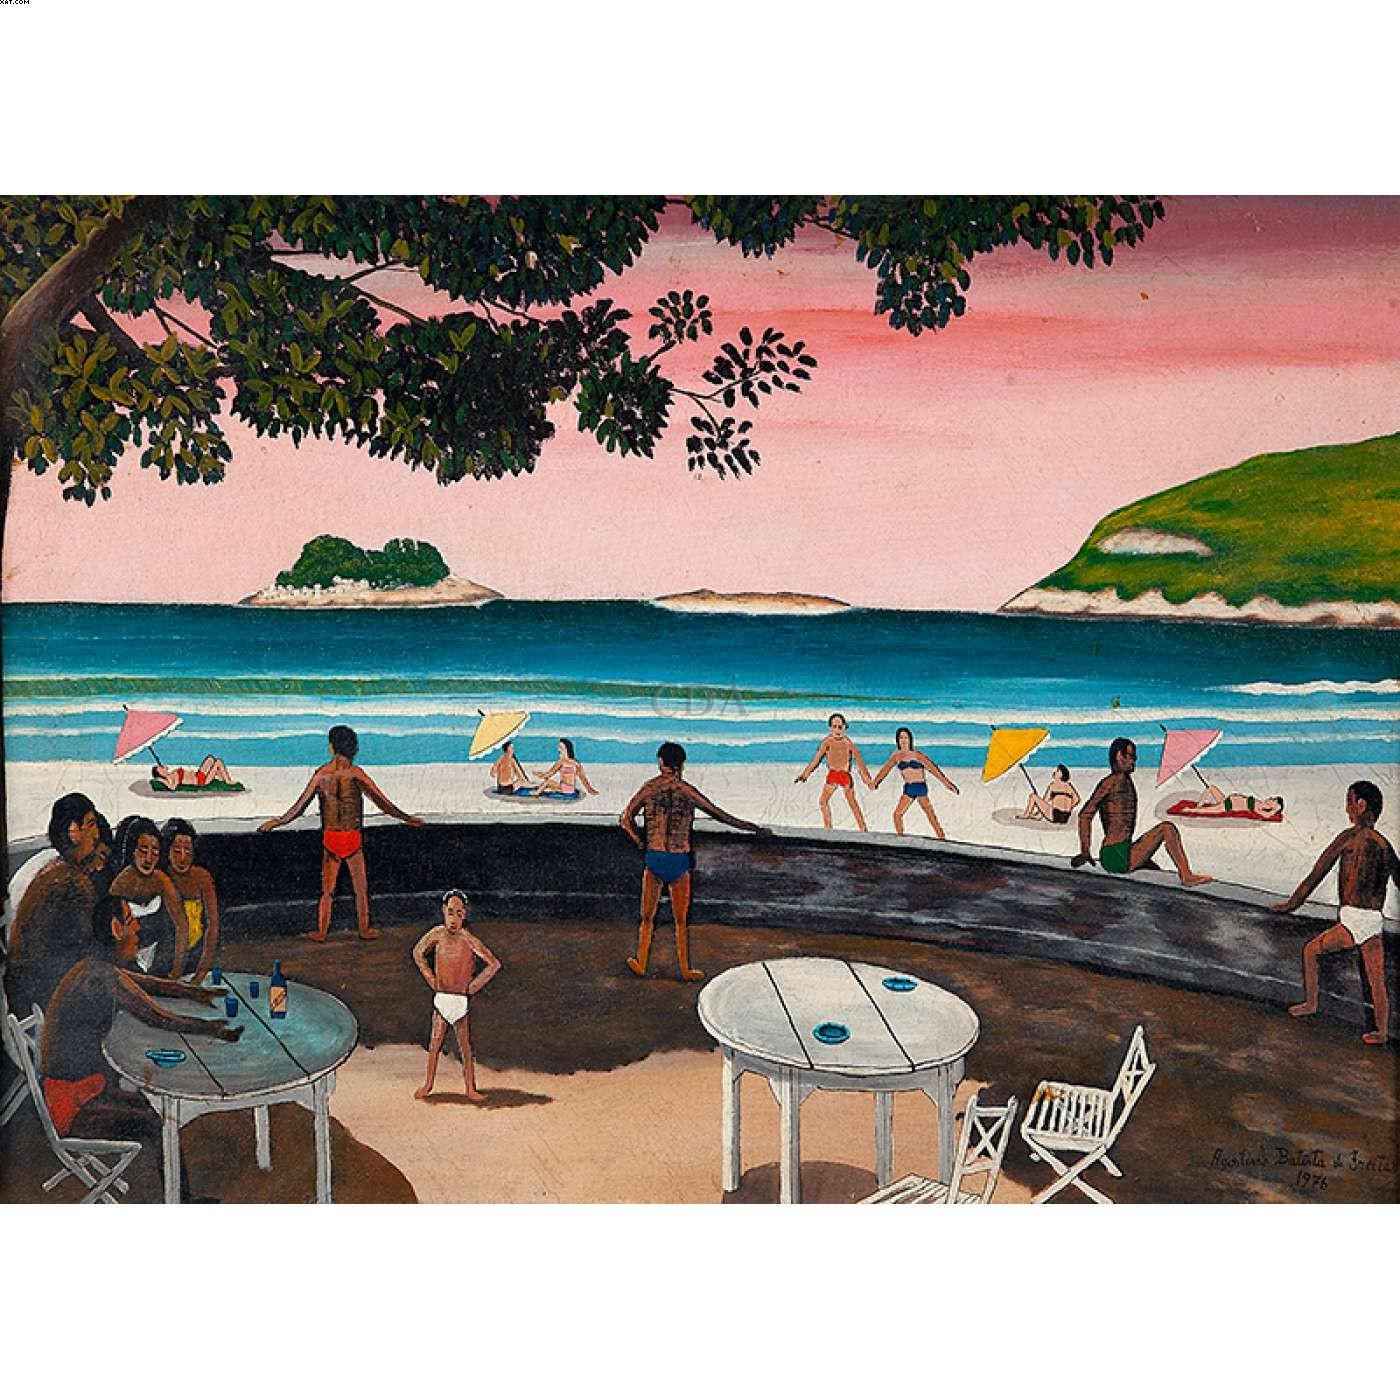 Praia de Pernambuco - Agostinho Batista de Freitas (1927-1997)